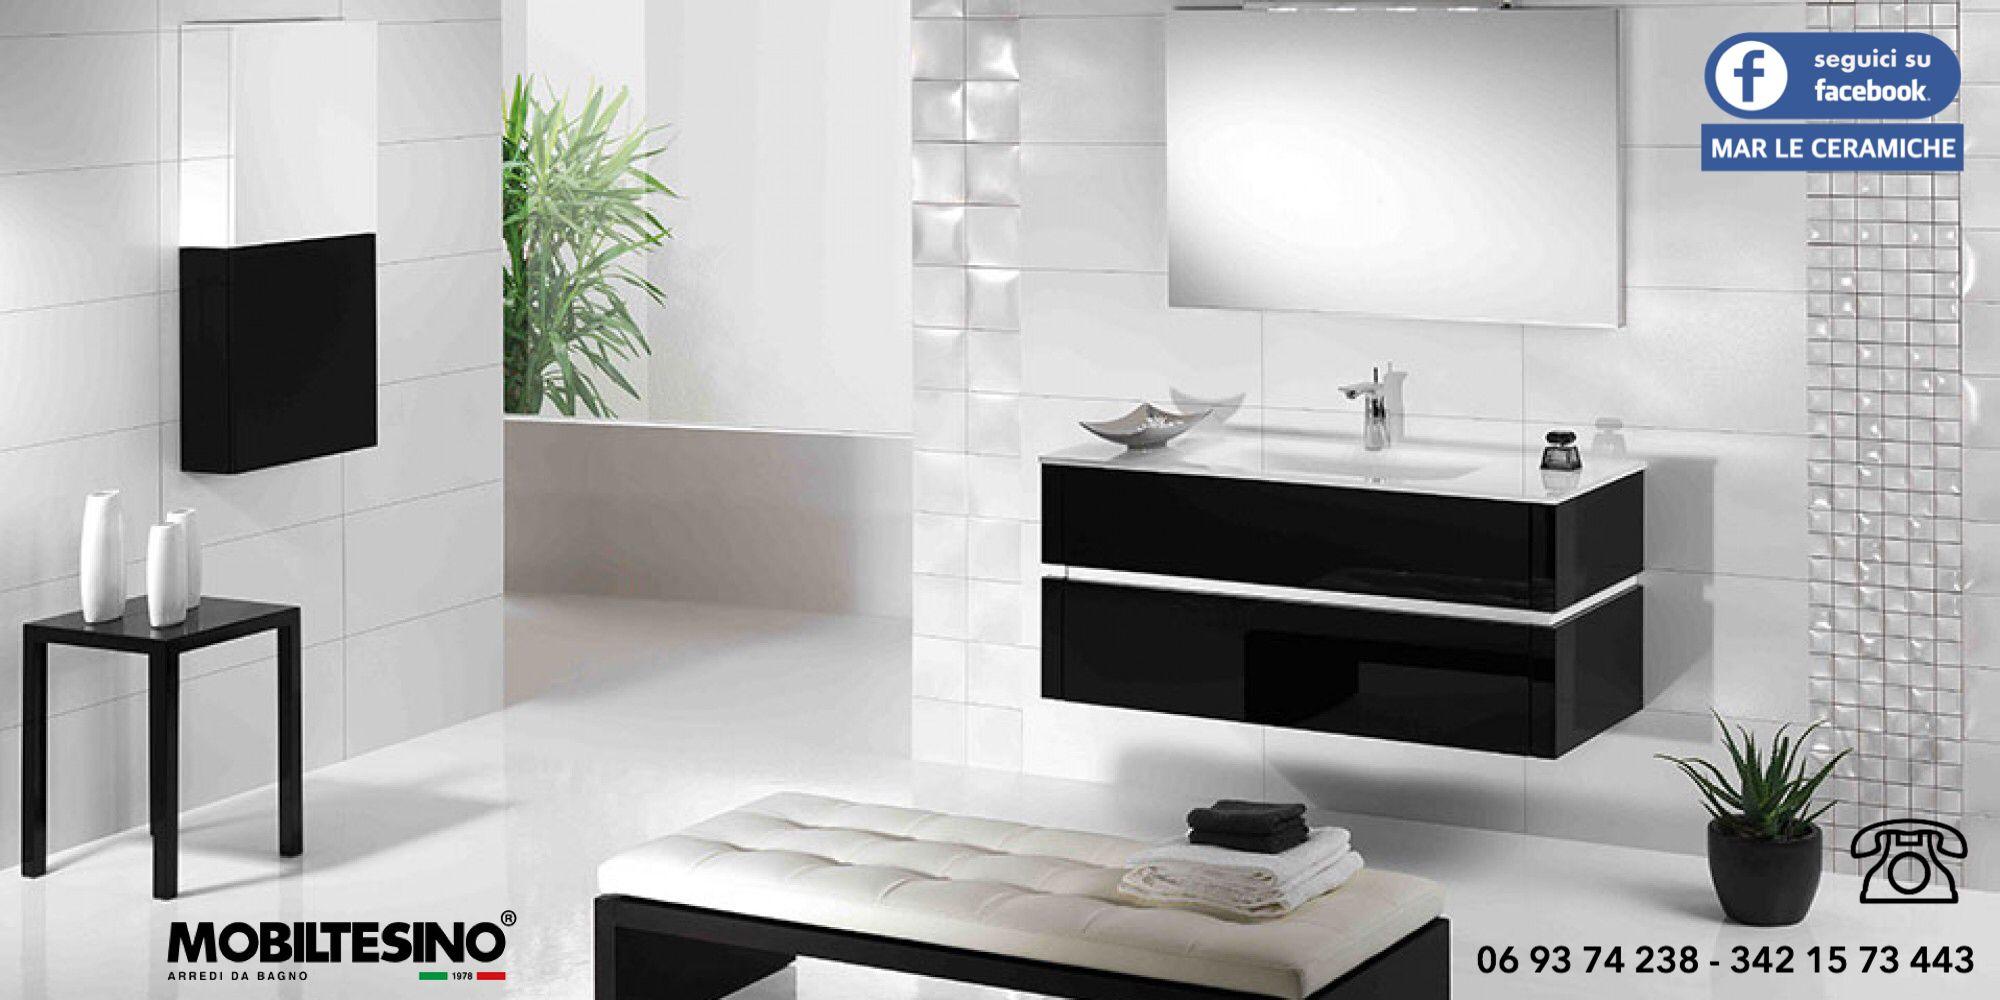 arredo bagno - prezzi offerte www.marleceramiche.it la qualitÀ al ... - Arredo Bagno Miglior Prezzo